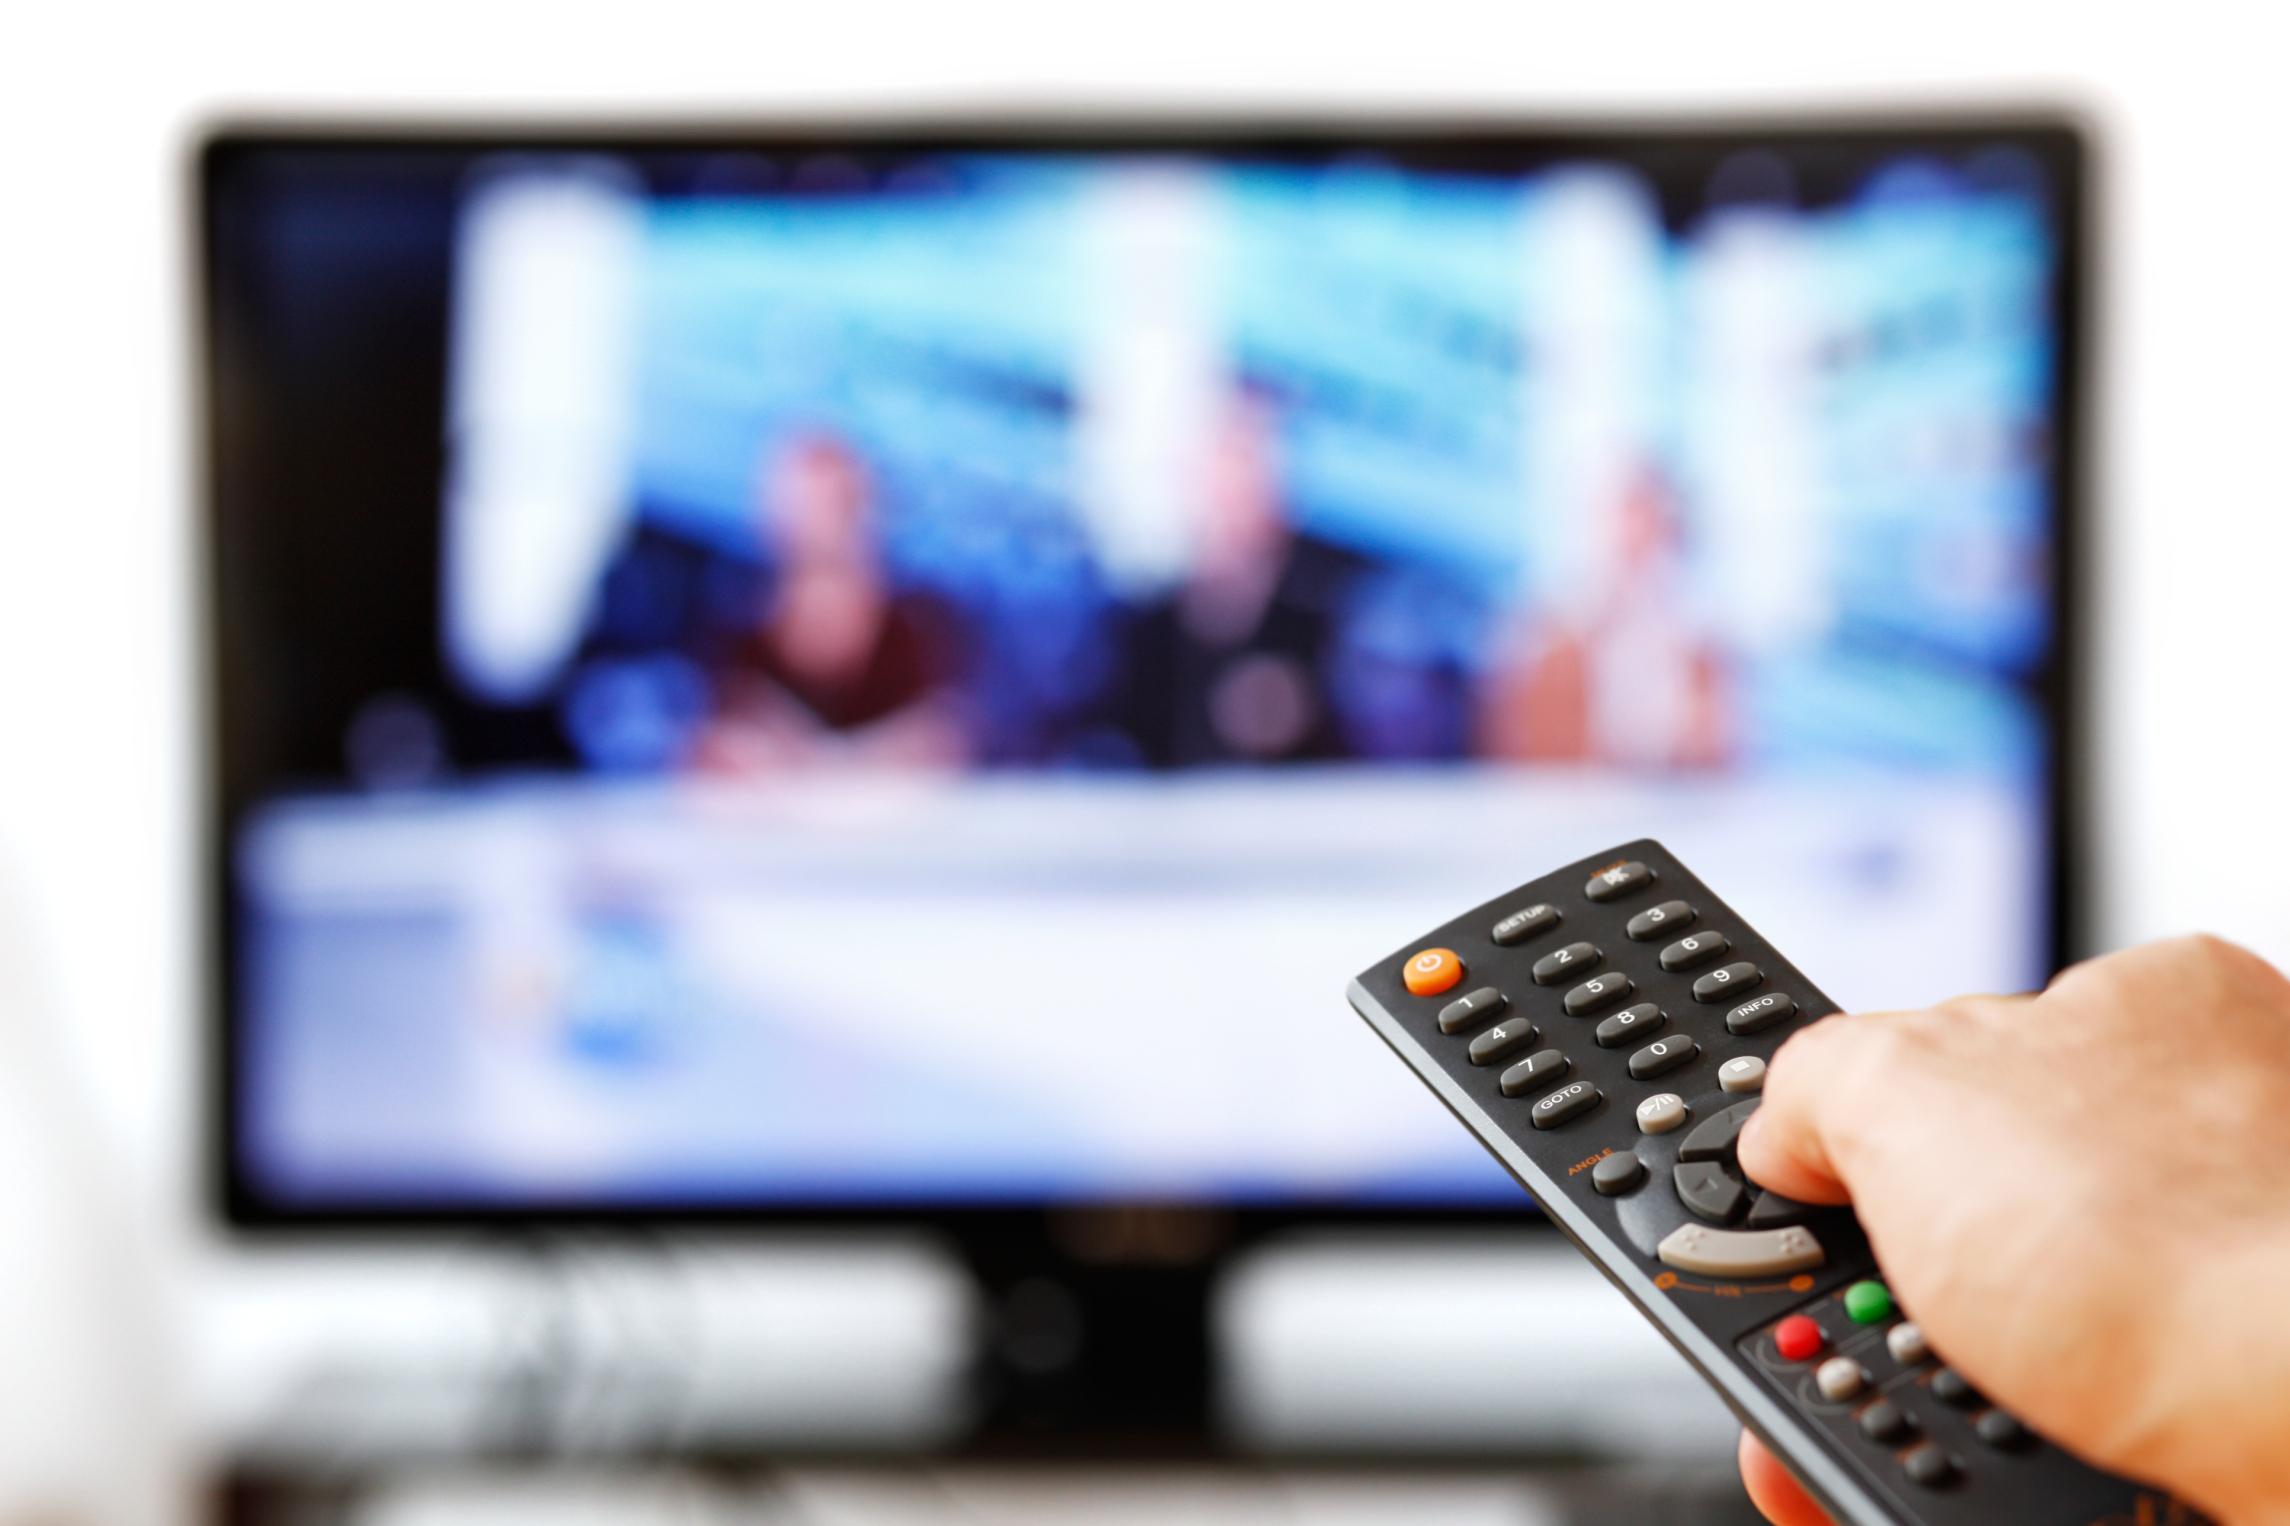 Prisa y Vocento rechazados en el reparto de canales TDT